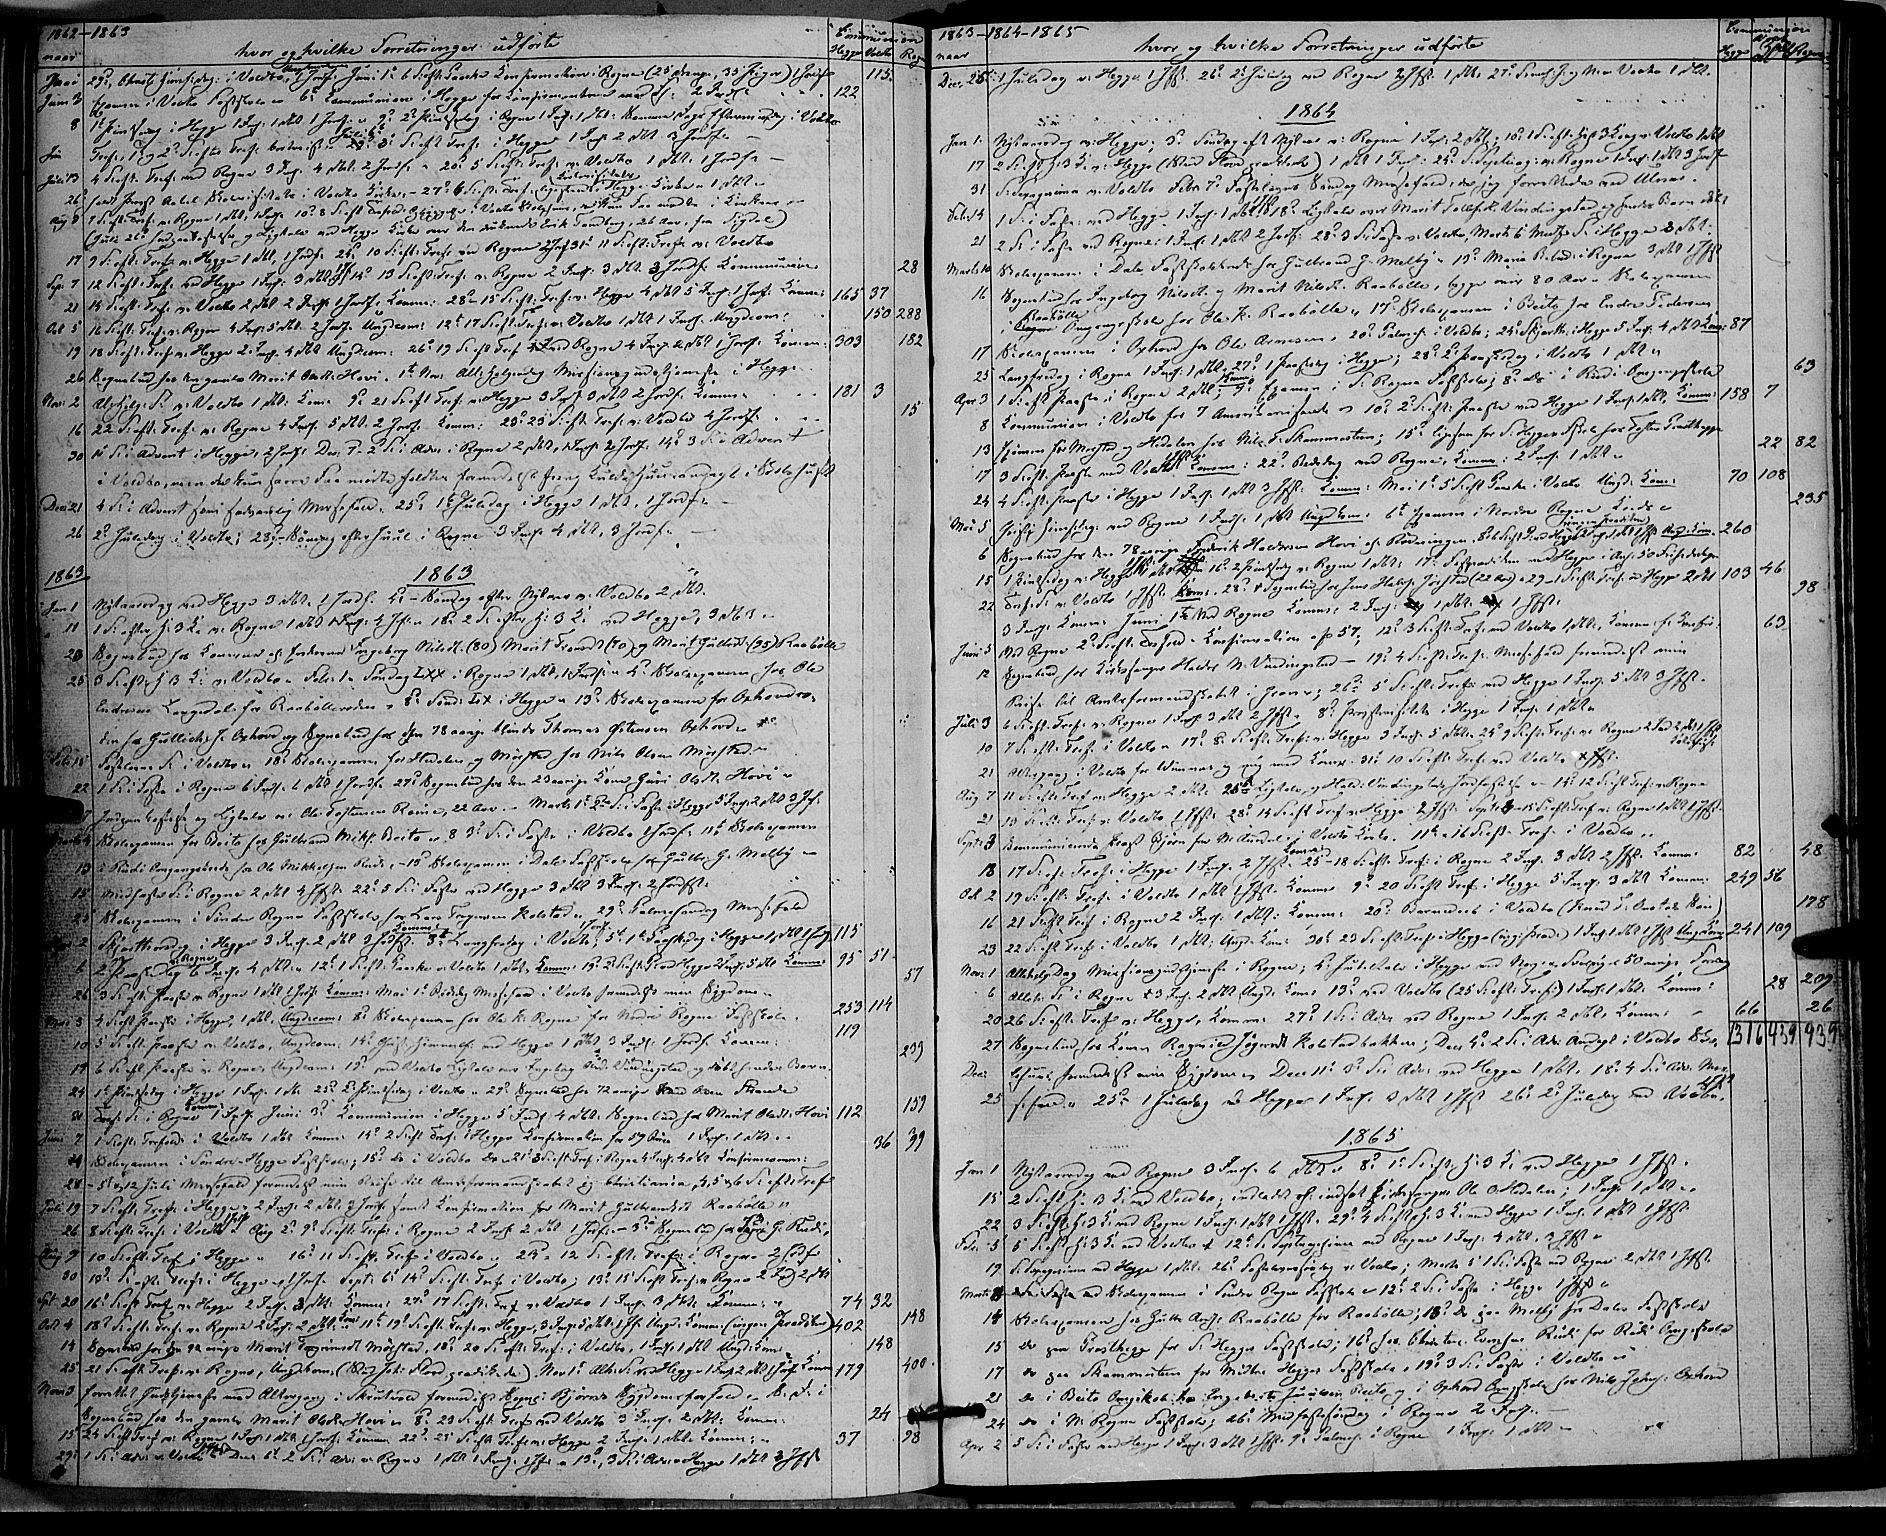 SAH, Øystre Slidre prestekontor, Ministerialbok nr. 1, 1849-1874, s. 307